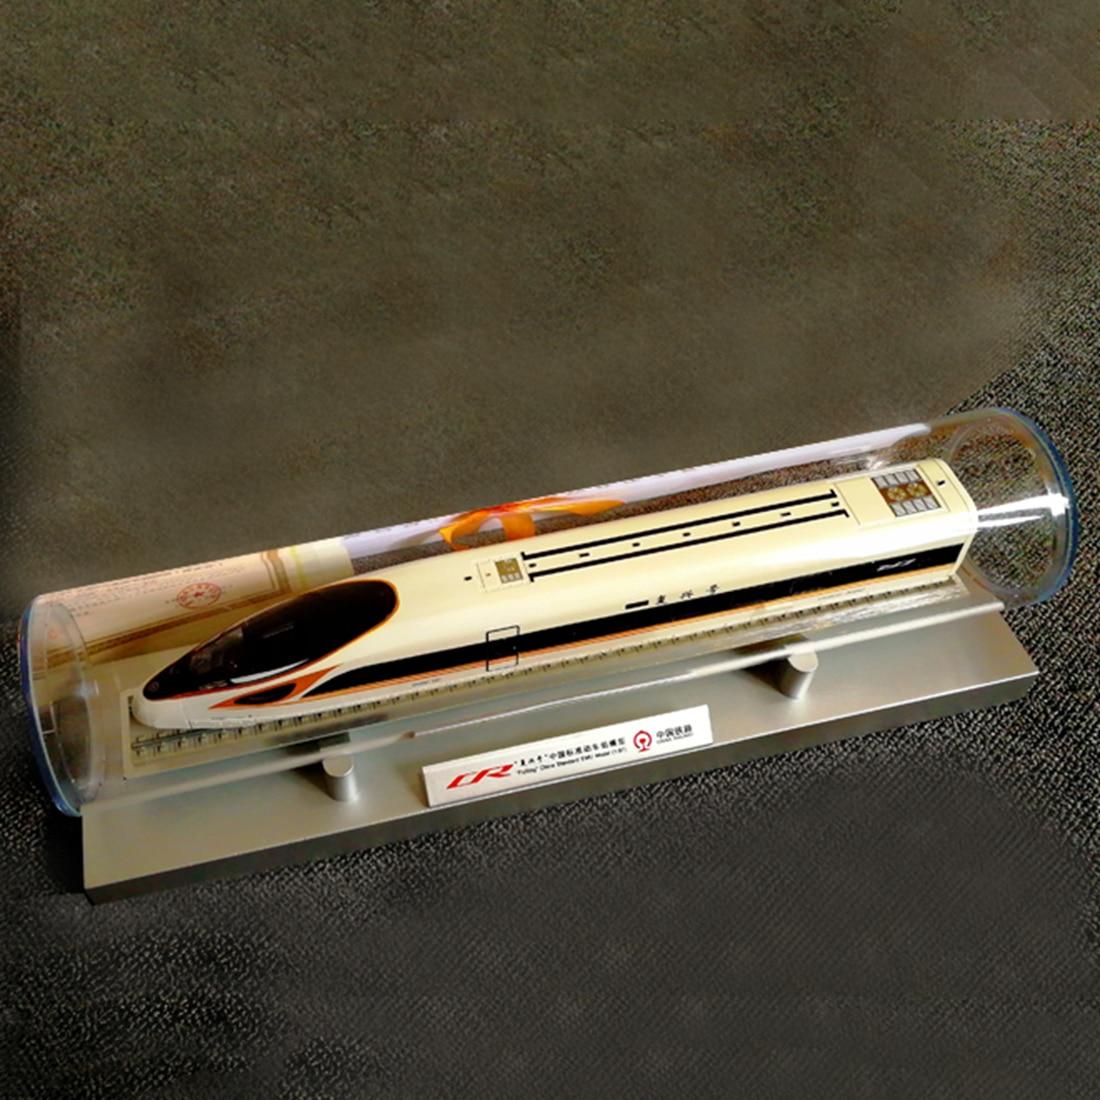 NFSTRIKE 0,4 м 1: 87 масштаб Fuhsing bf паровозик модель поезда песочный стол декор для DIY архитектурный песочный стол аксессуары